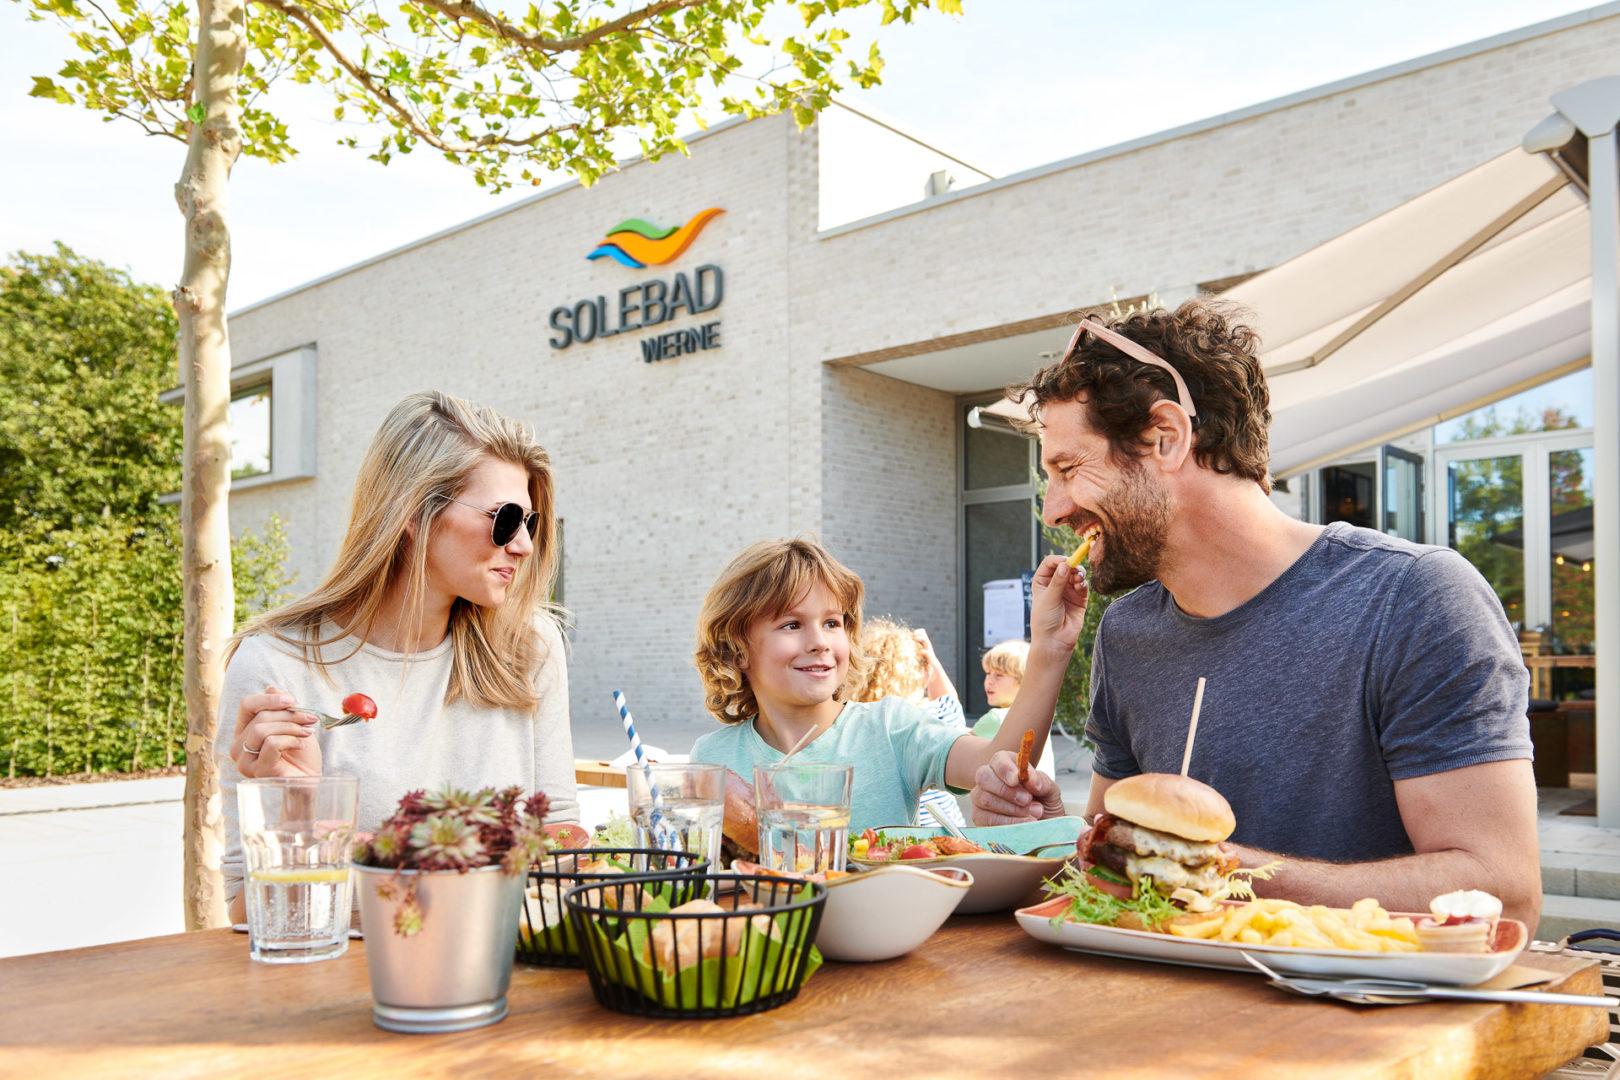 Fröhliche Familie speist vor dem Solebad Werne - Werbefotografie